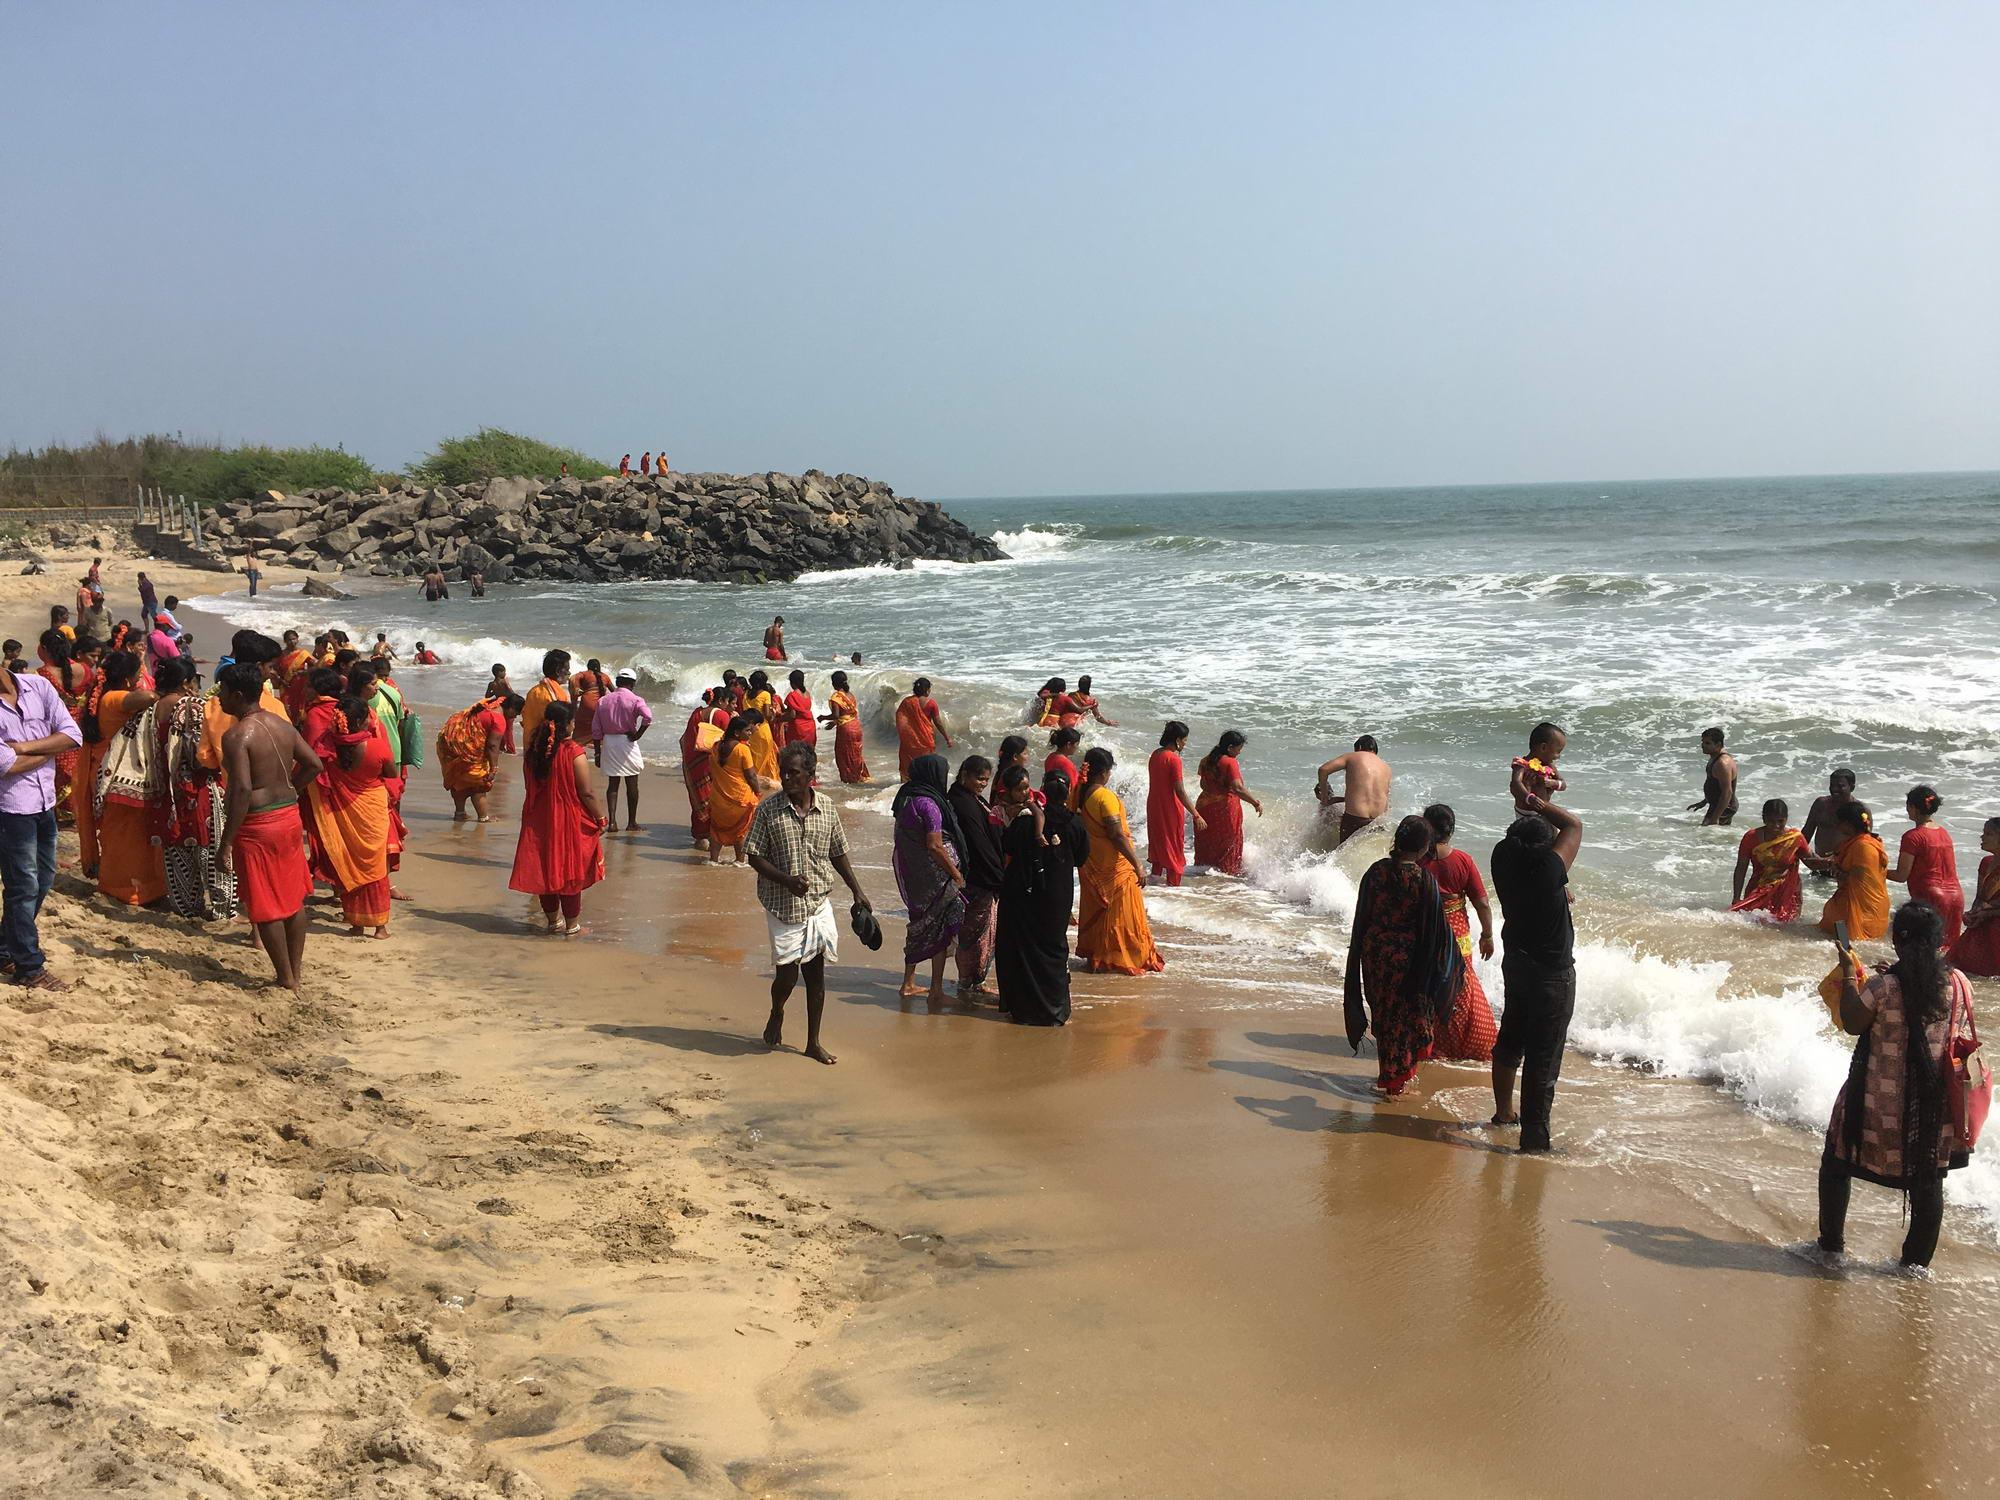 Kopanje v indijsko, Mahabalipuram